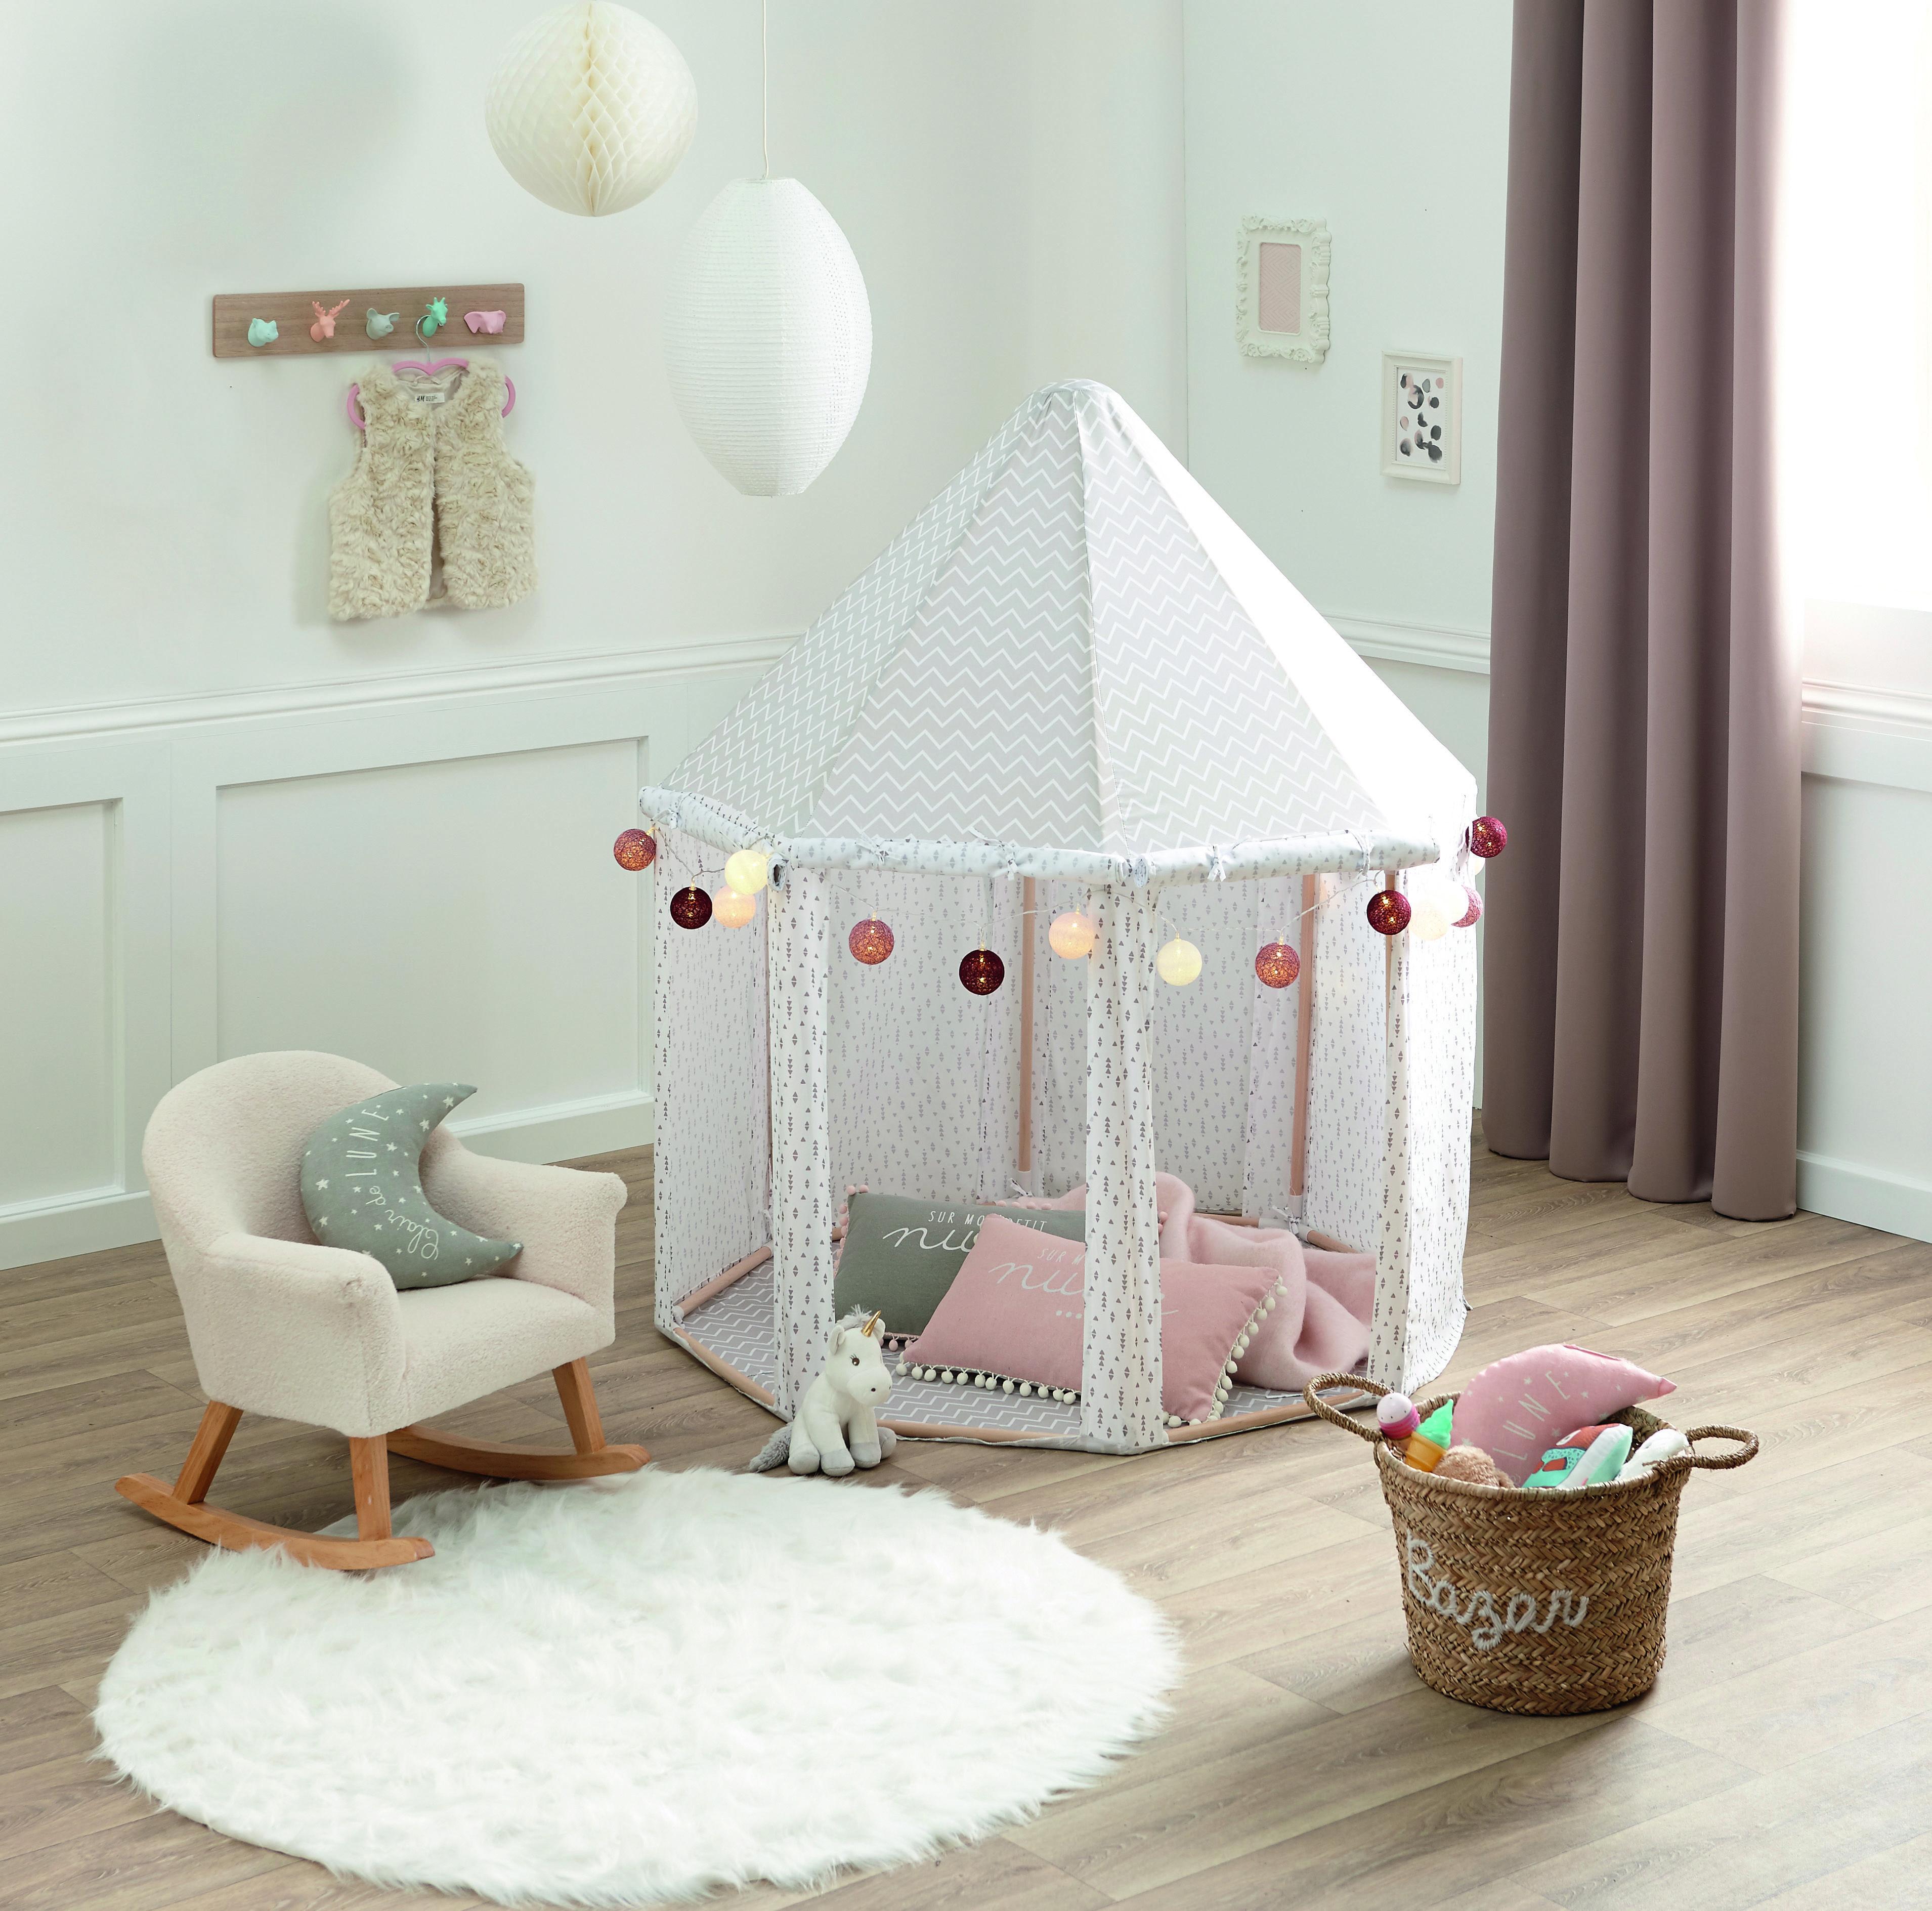 Décoration chambre enfant → Centrakor  Décoration chambre enfant